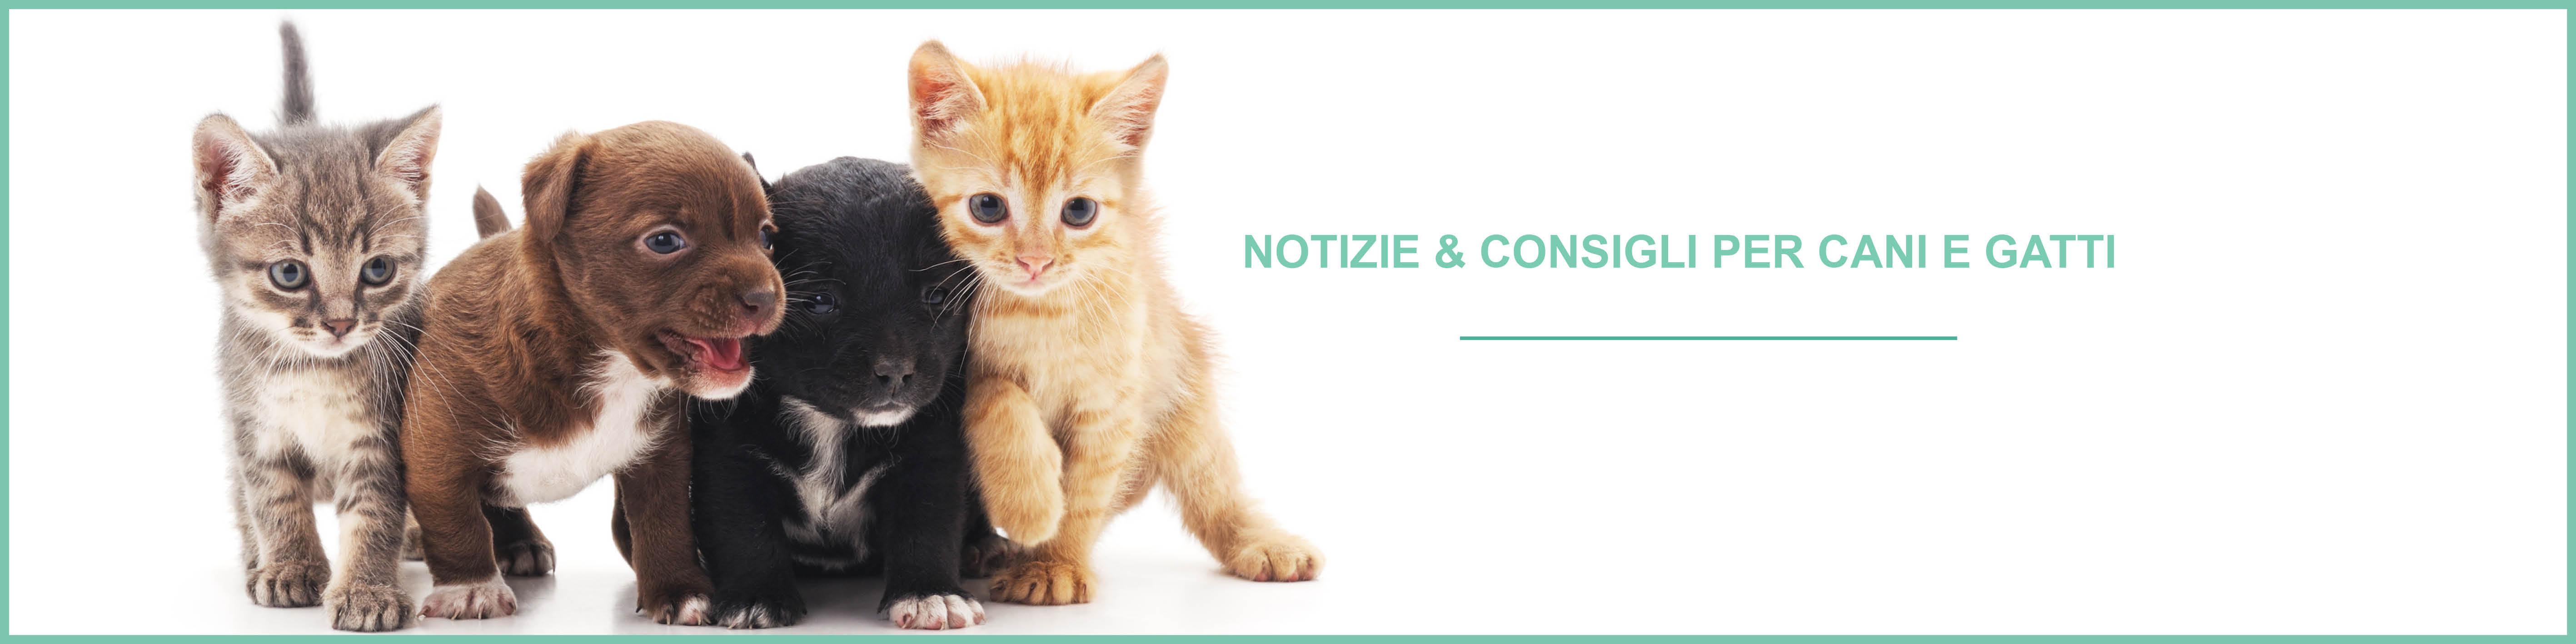 Notizie e consigli cani e gatti